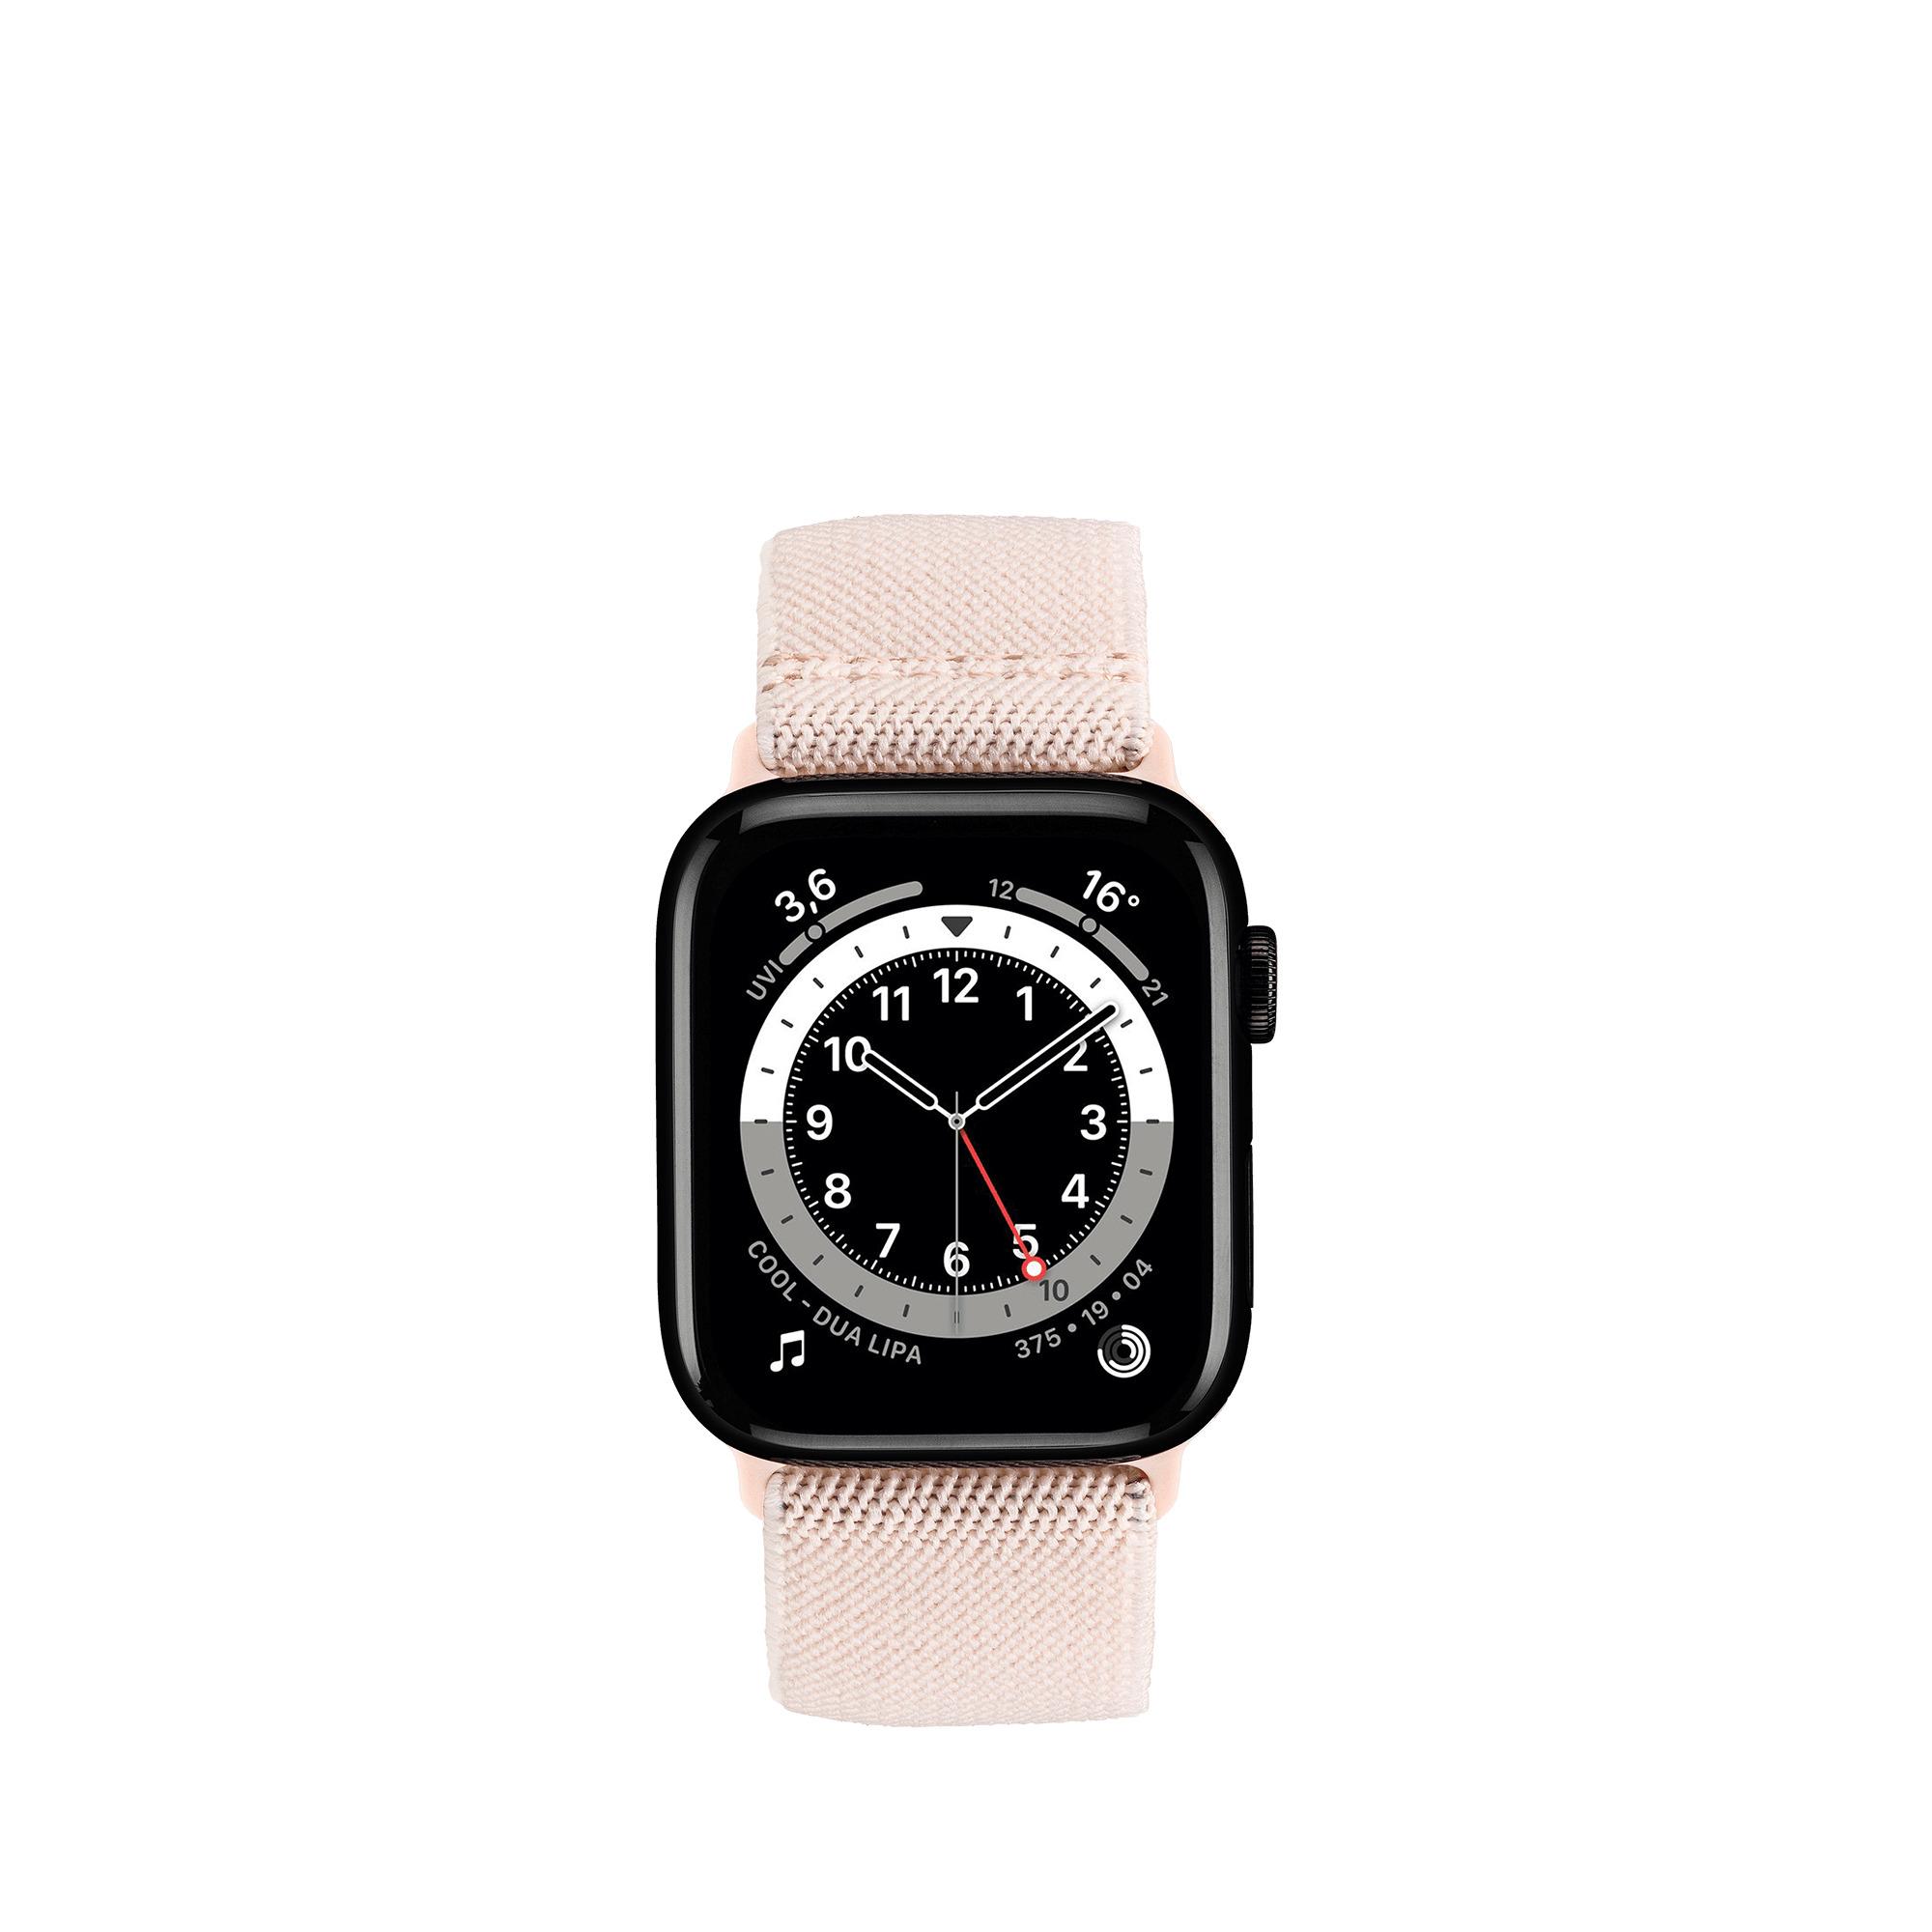 WatchBand Flex Smartwatch